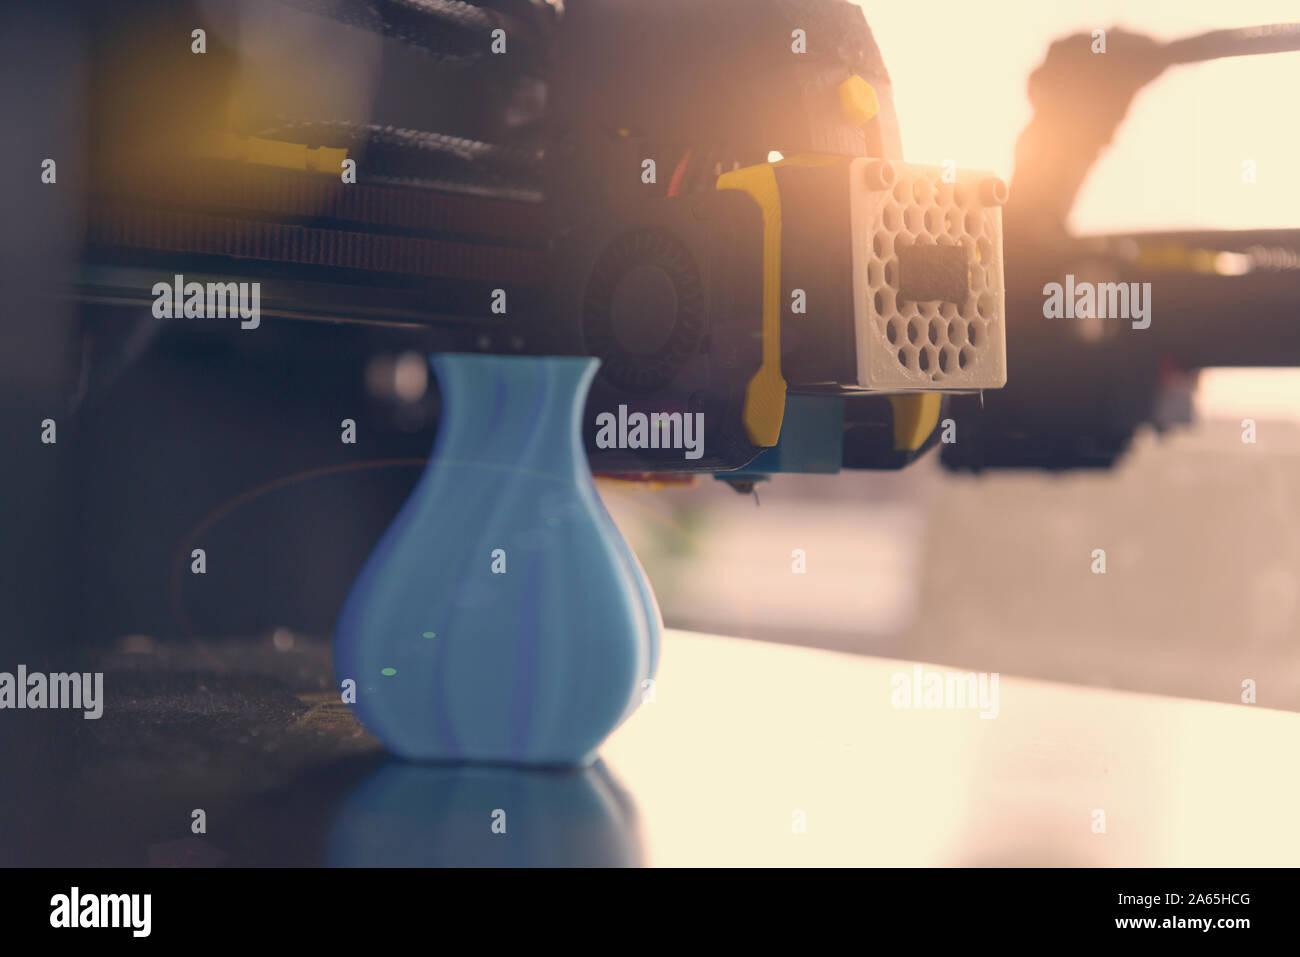 Moderna stampante 3d con stampato tre dimentional modello di vaso. Foto Stock